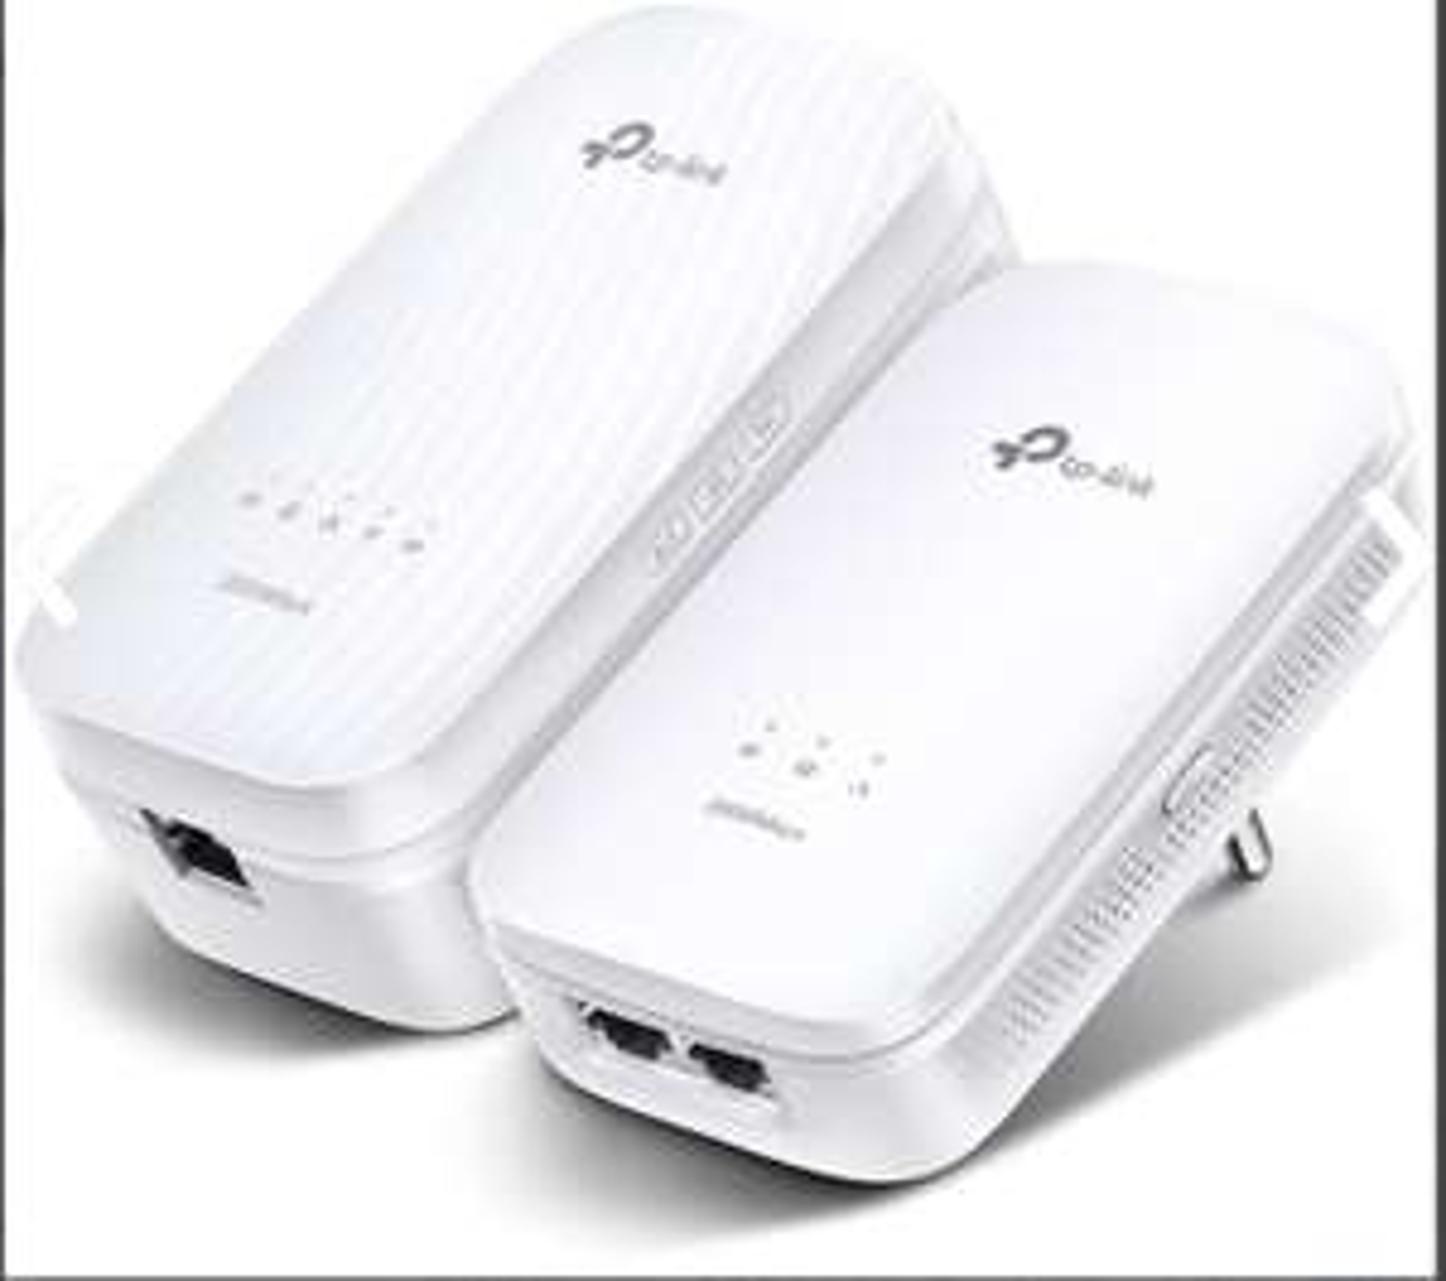 TP-Link Gigabit Powerline AV2 ac Wi-Fi Kit TL-WPA9610 KIT @mycom